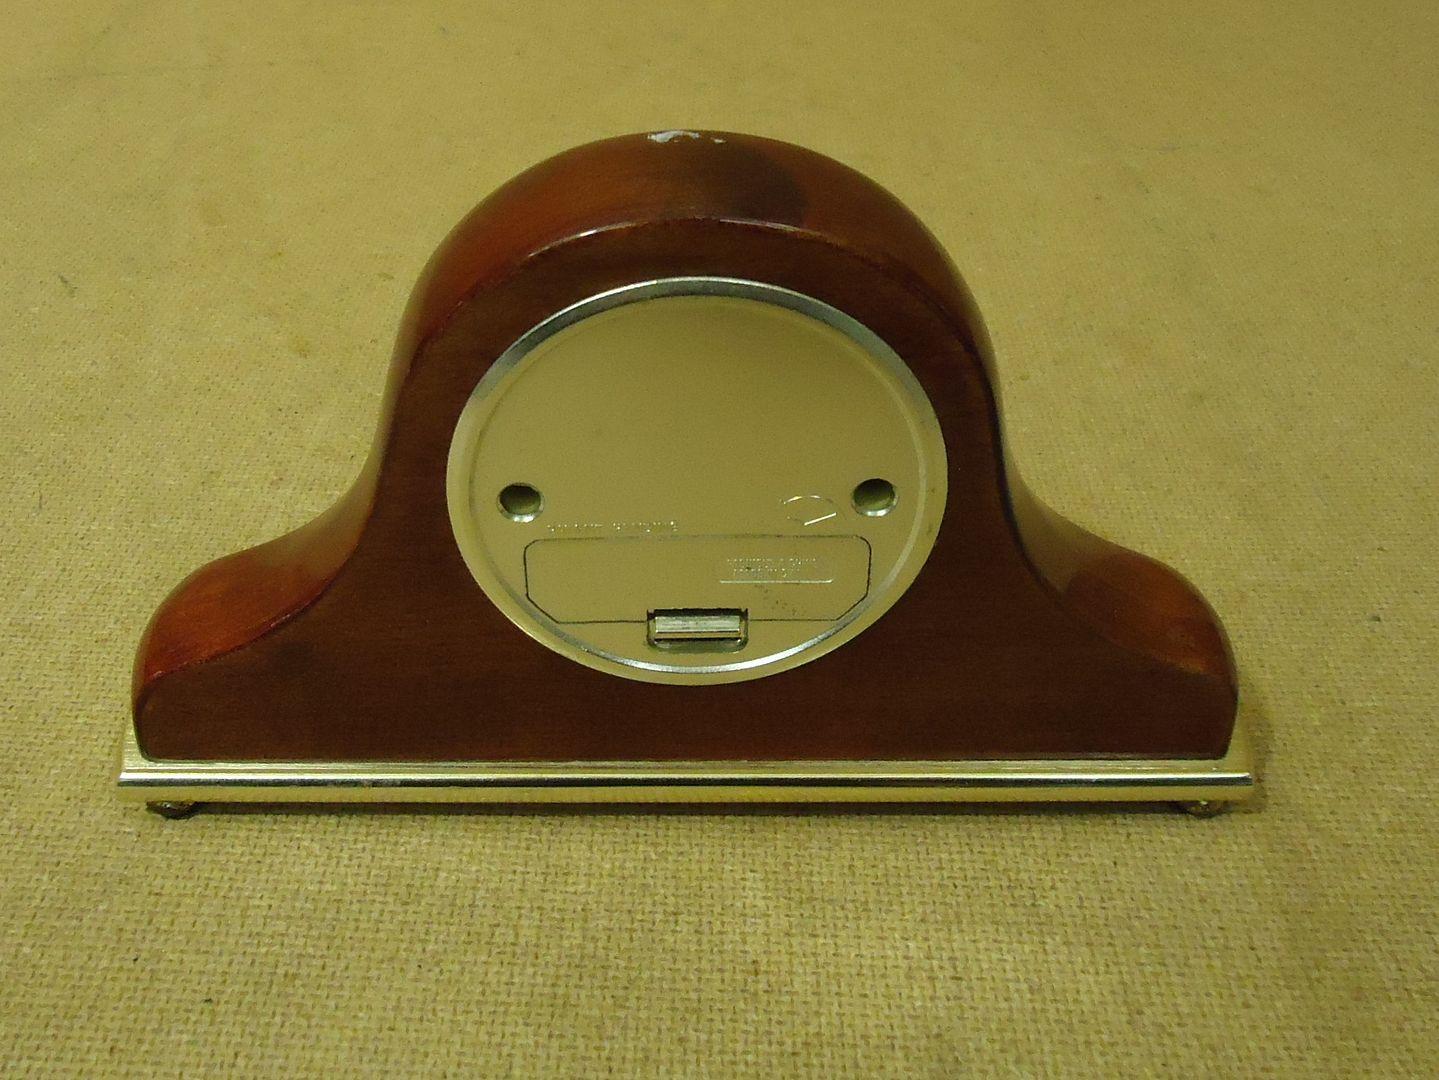 lm7410 111712-136n Danbury Fancy Table Clock 8in L x 4 3/4in H x 1 1/2in D Browns/Golds Wood Metal